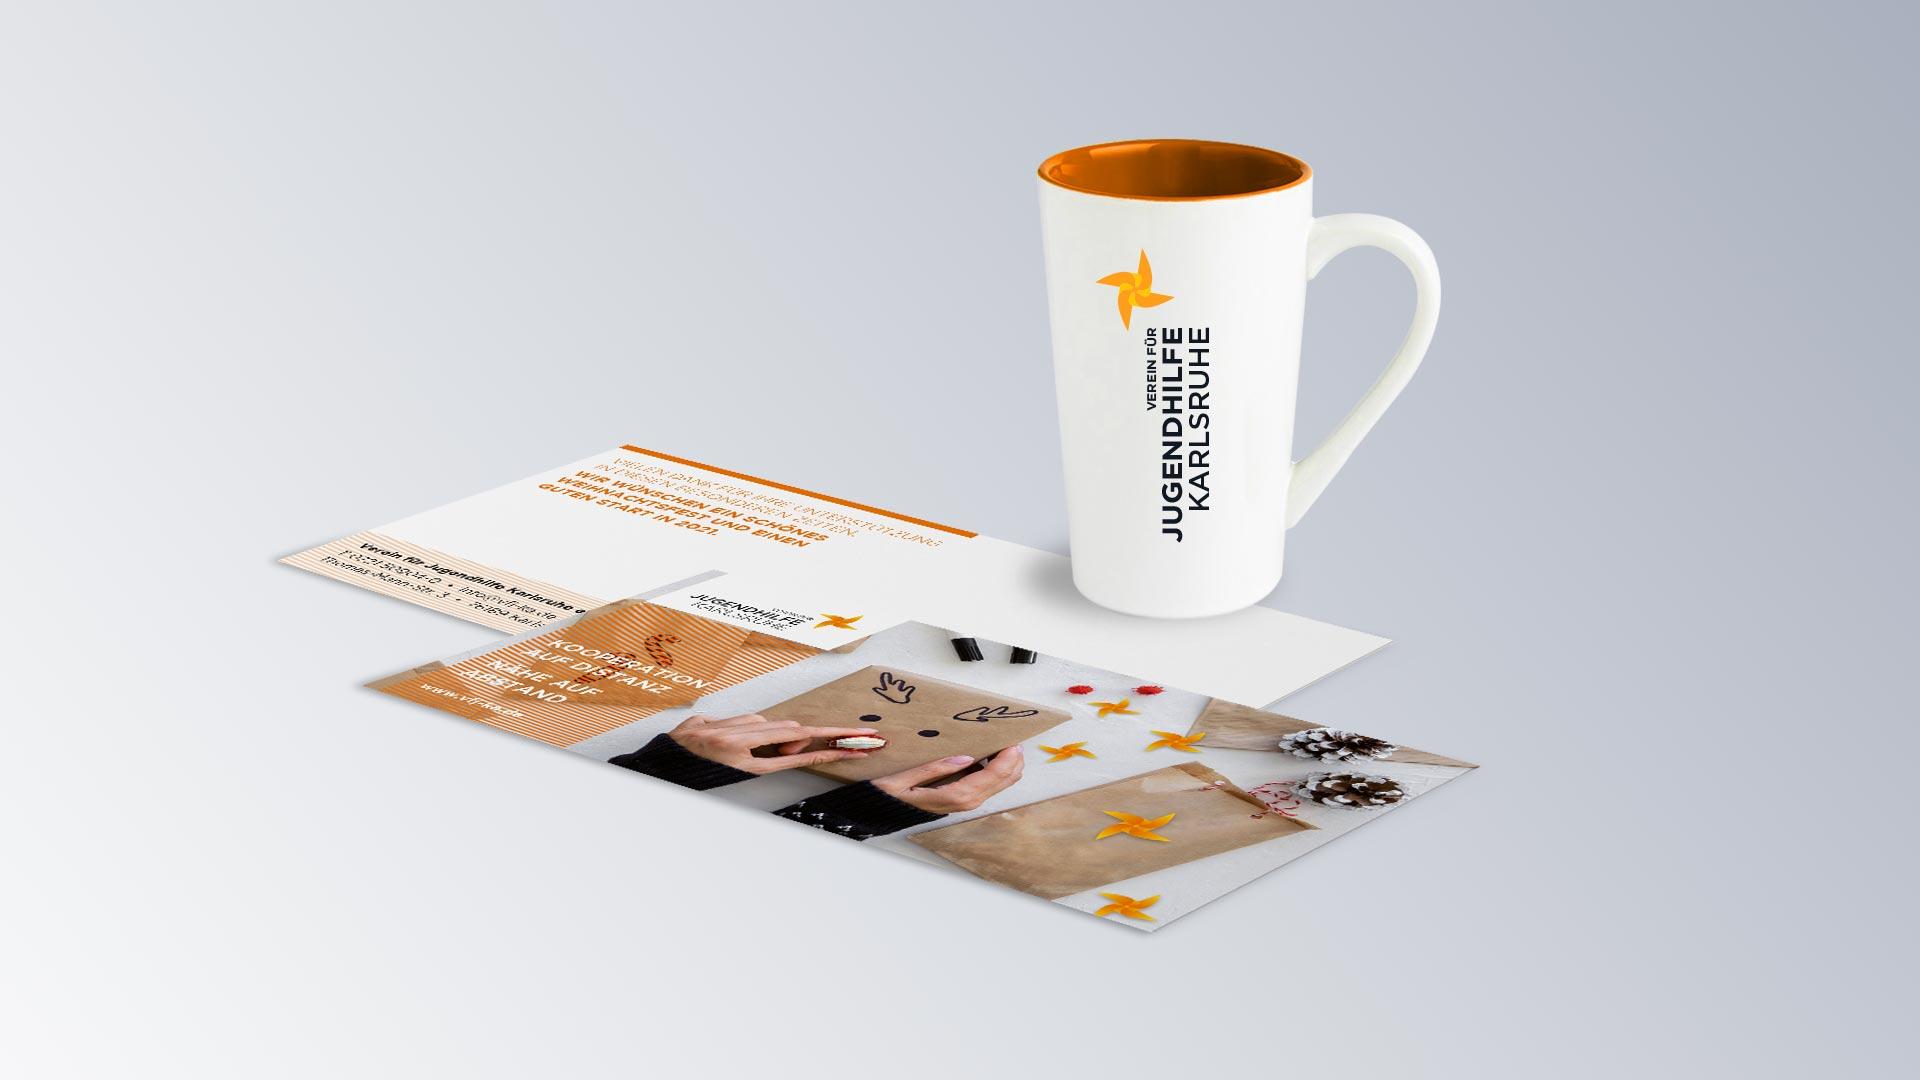 Verein für Jugendhilfe Karlsruhe, Weihnachtskarte, Tasse